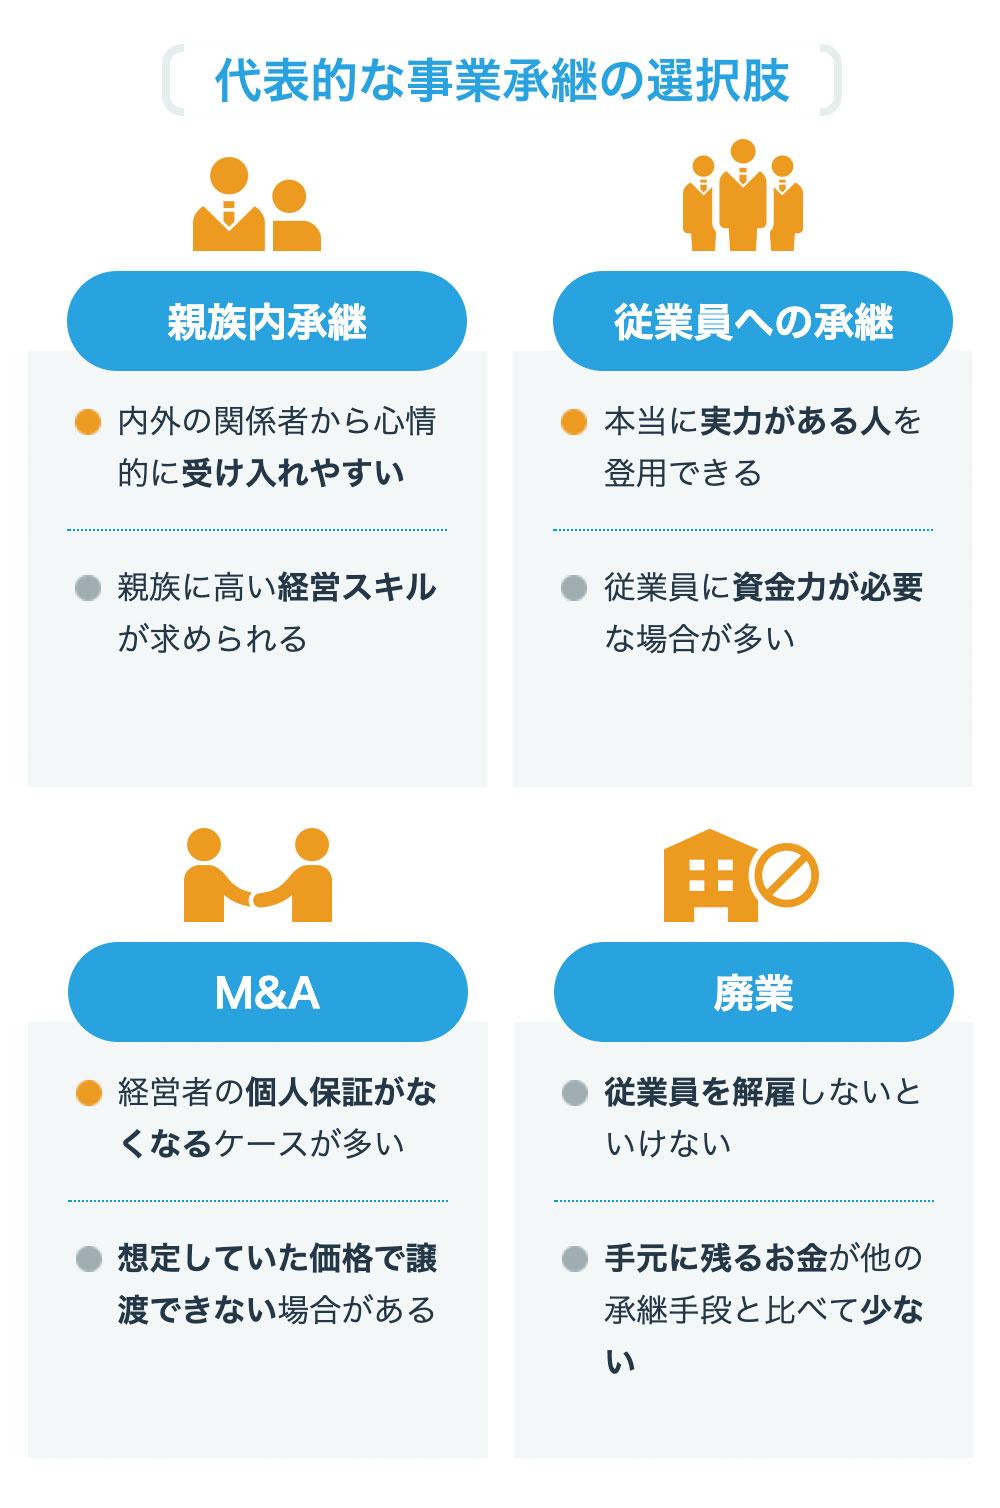 M&A(買収)のストラクチャー(選択肢「親族内承継」「従業員への承継」「M&A契約」「廃業」)